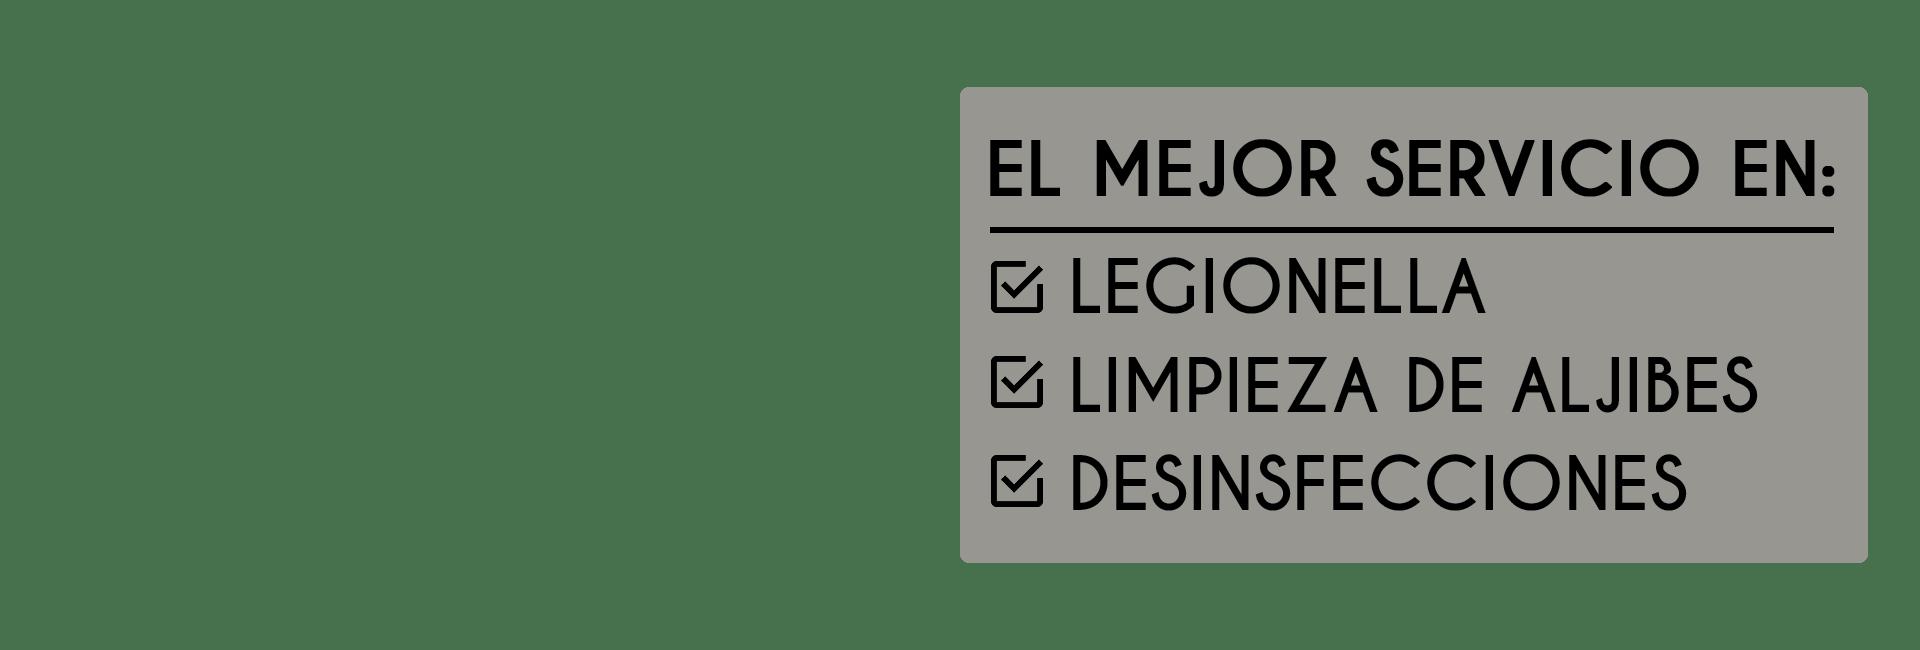 control de legionella en málaga